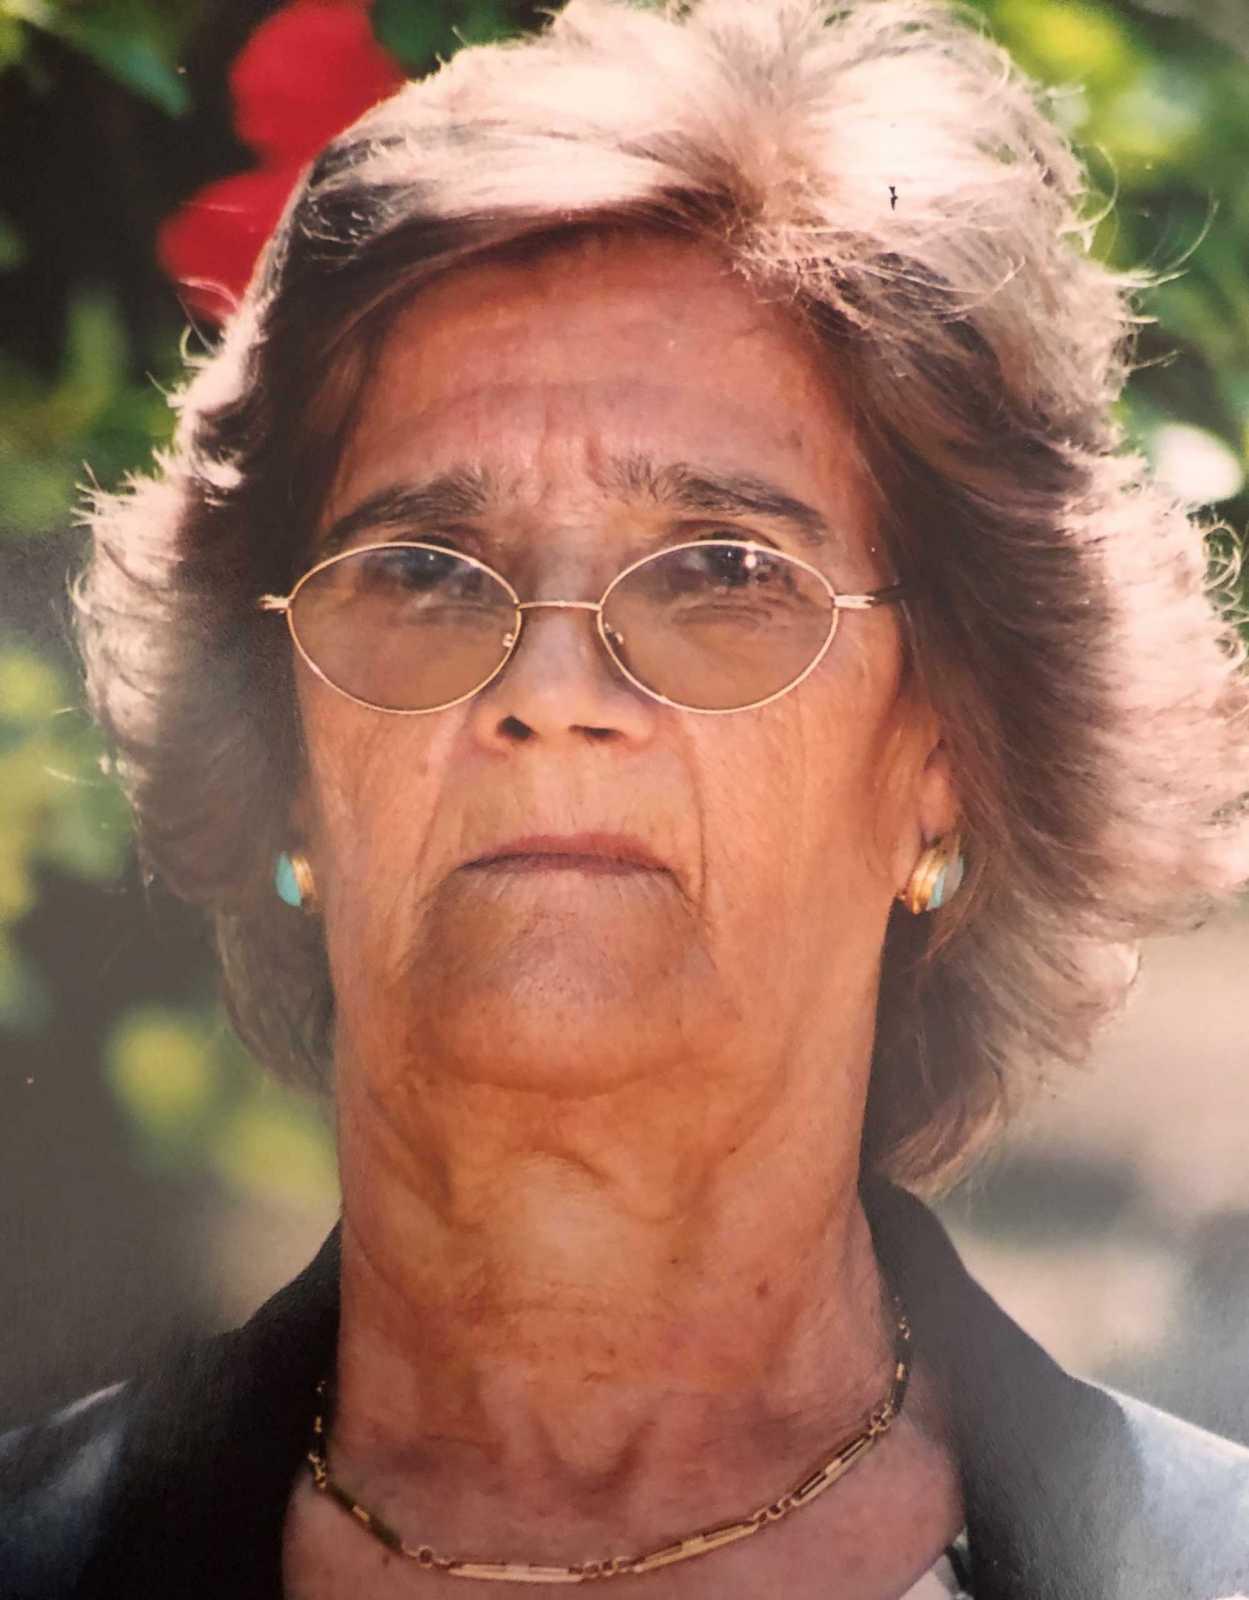 Ercicíla Vieira Guerra